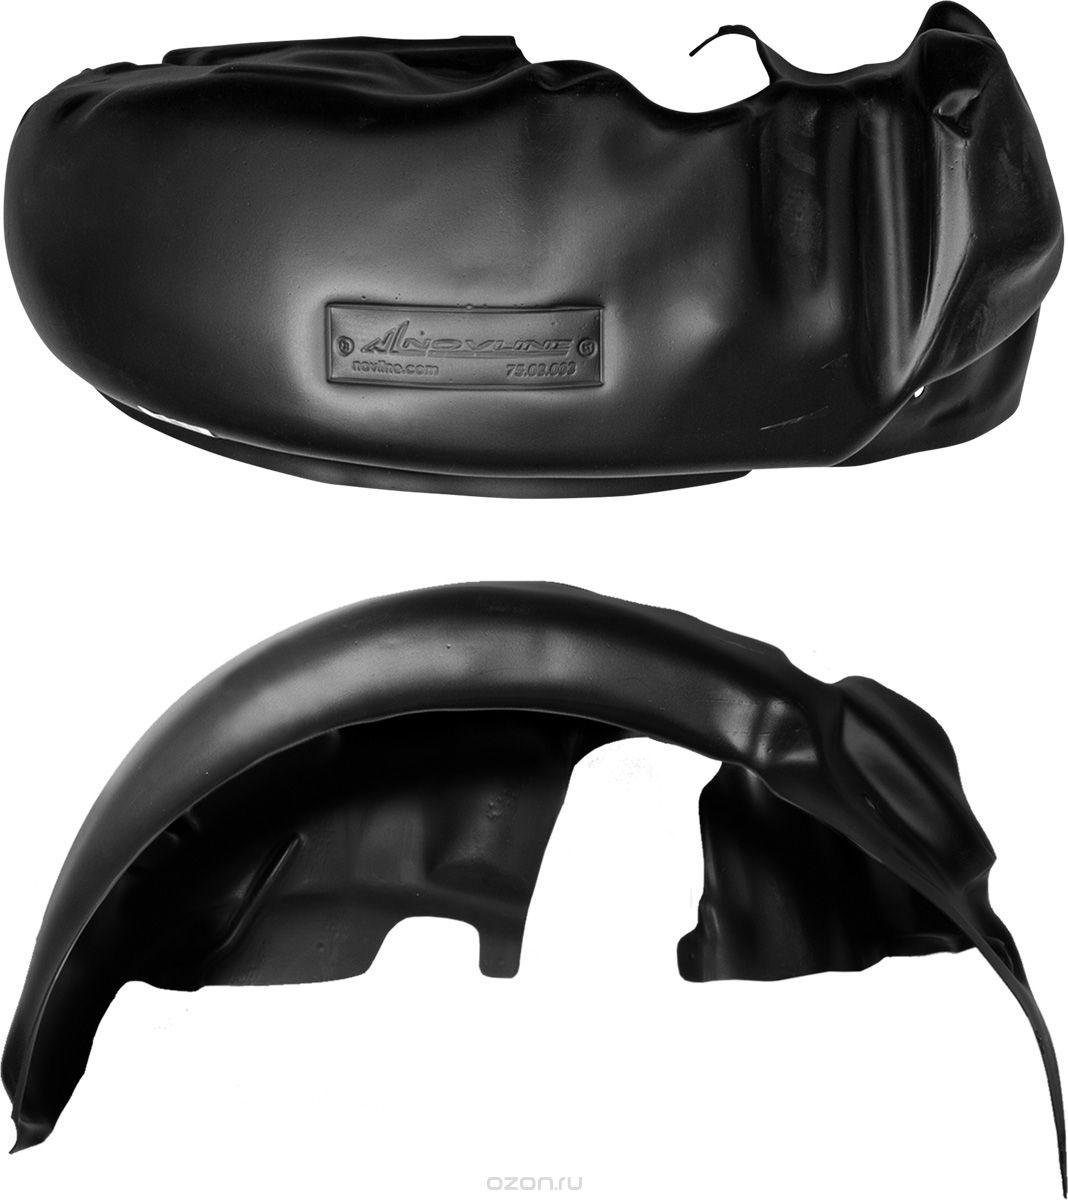 Подкрылок Novline-Autofamily, для Nissan Teana, 03/2014->, седан, задний левыйNLL.36.42.003Идеальная защита колесной ниши. Локеры разработаны с применением цифровых технологий, гарантируют максимальную повторяемость поверхности арки. Изделия устанавливаются без нарушения лакокрасочного покрытия автомобиля, каждый подкрылок комплектуется крепежом. Уважаемые клиенты, обращаем ваше внимание, что фотографии на подкрылки универсальные и не отражают реальную форму изделия. При этом само изделие идет точно под размер указанного автомобиля.